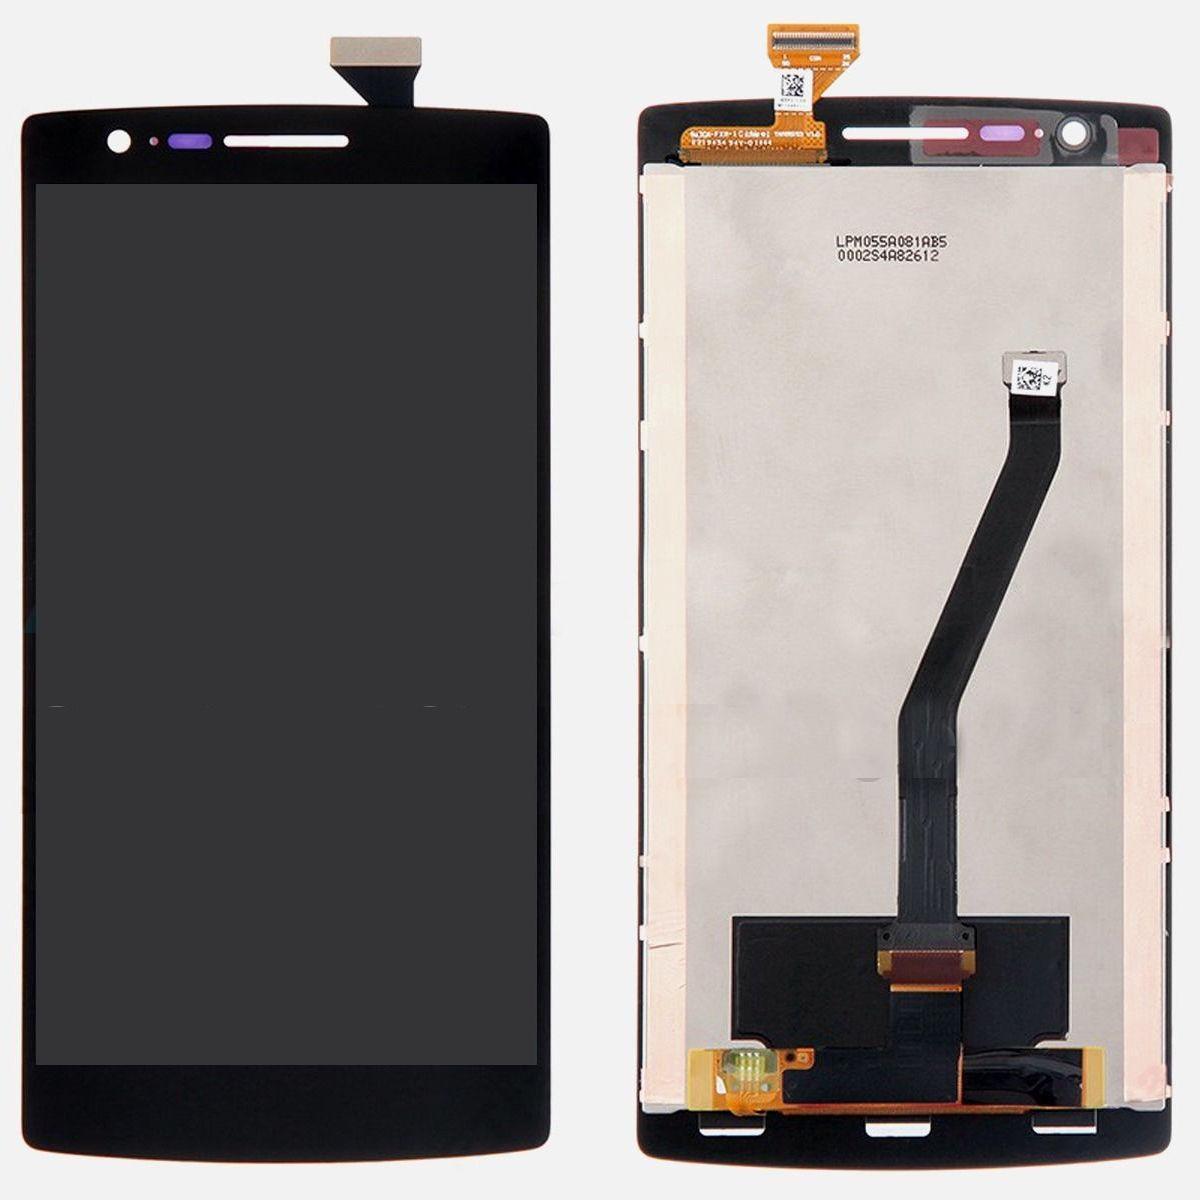 ΟΘΟΝΗ LCD ΓΙΑ ONE PLUS 5 WITH TOUCH BLACK